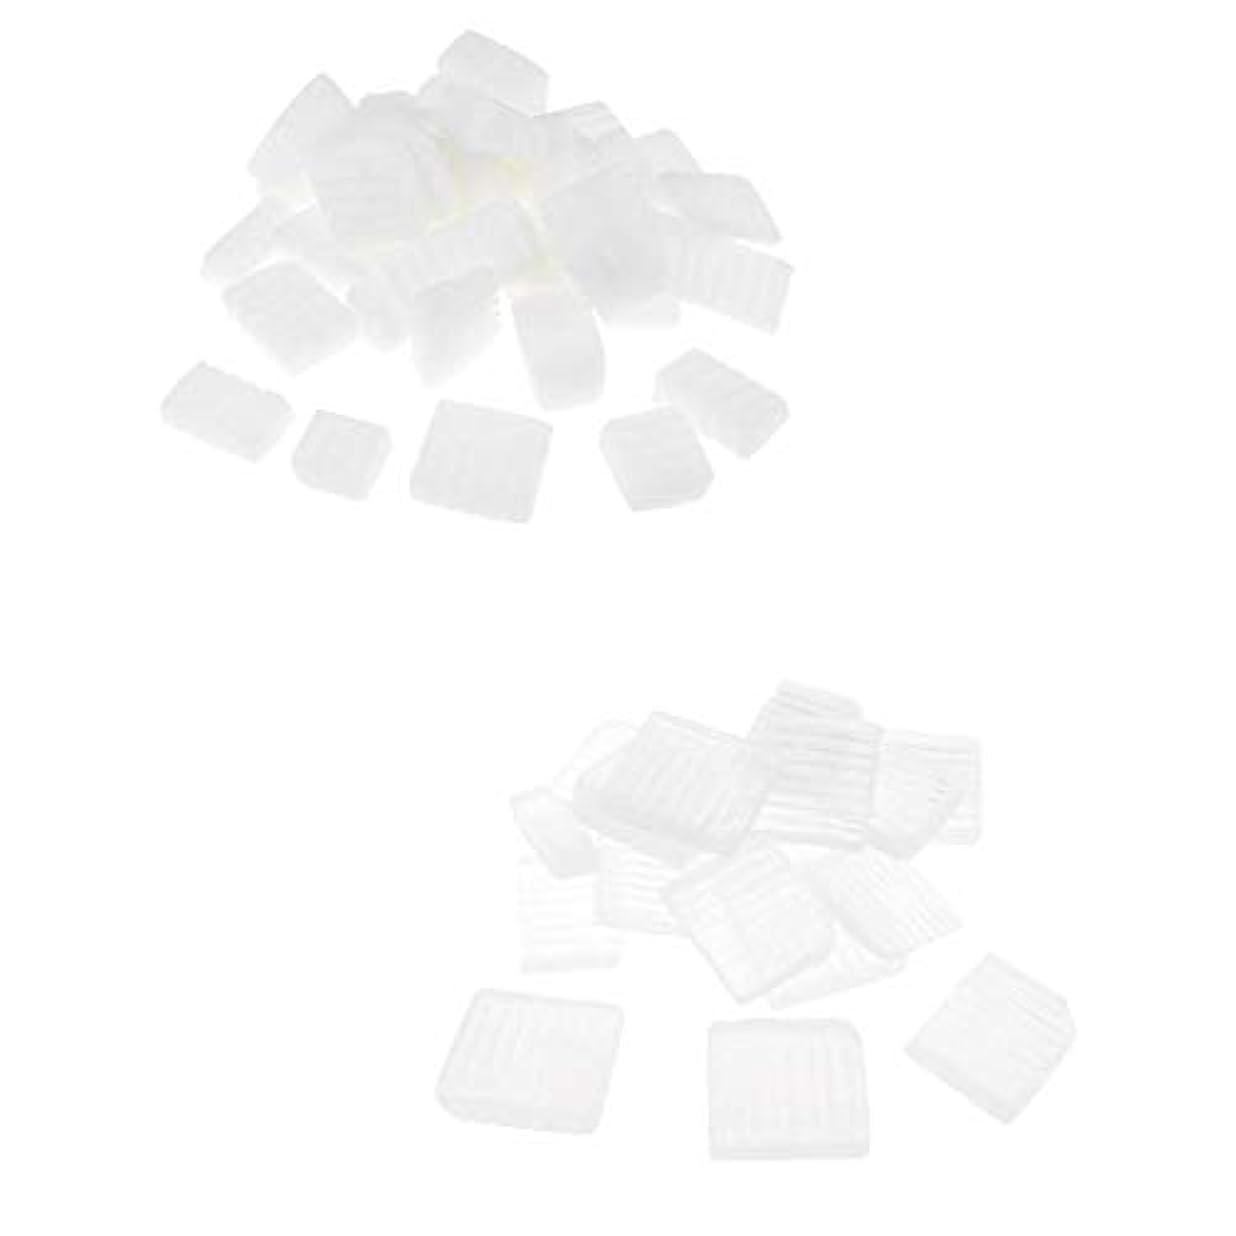 宝外国人時間厳守FLAMEER 固形せっけん 石鹸ベース 2KG ホワイトクリア DIY製造 工芸品 ハンドメイド 石鹸原料 耐久性